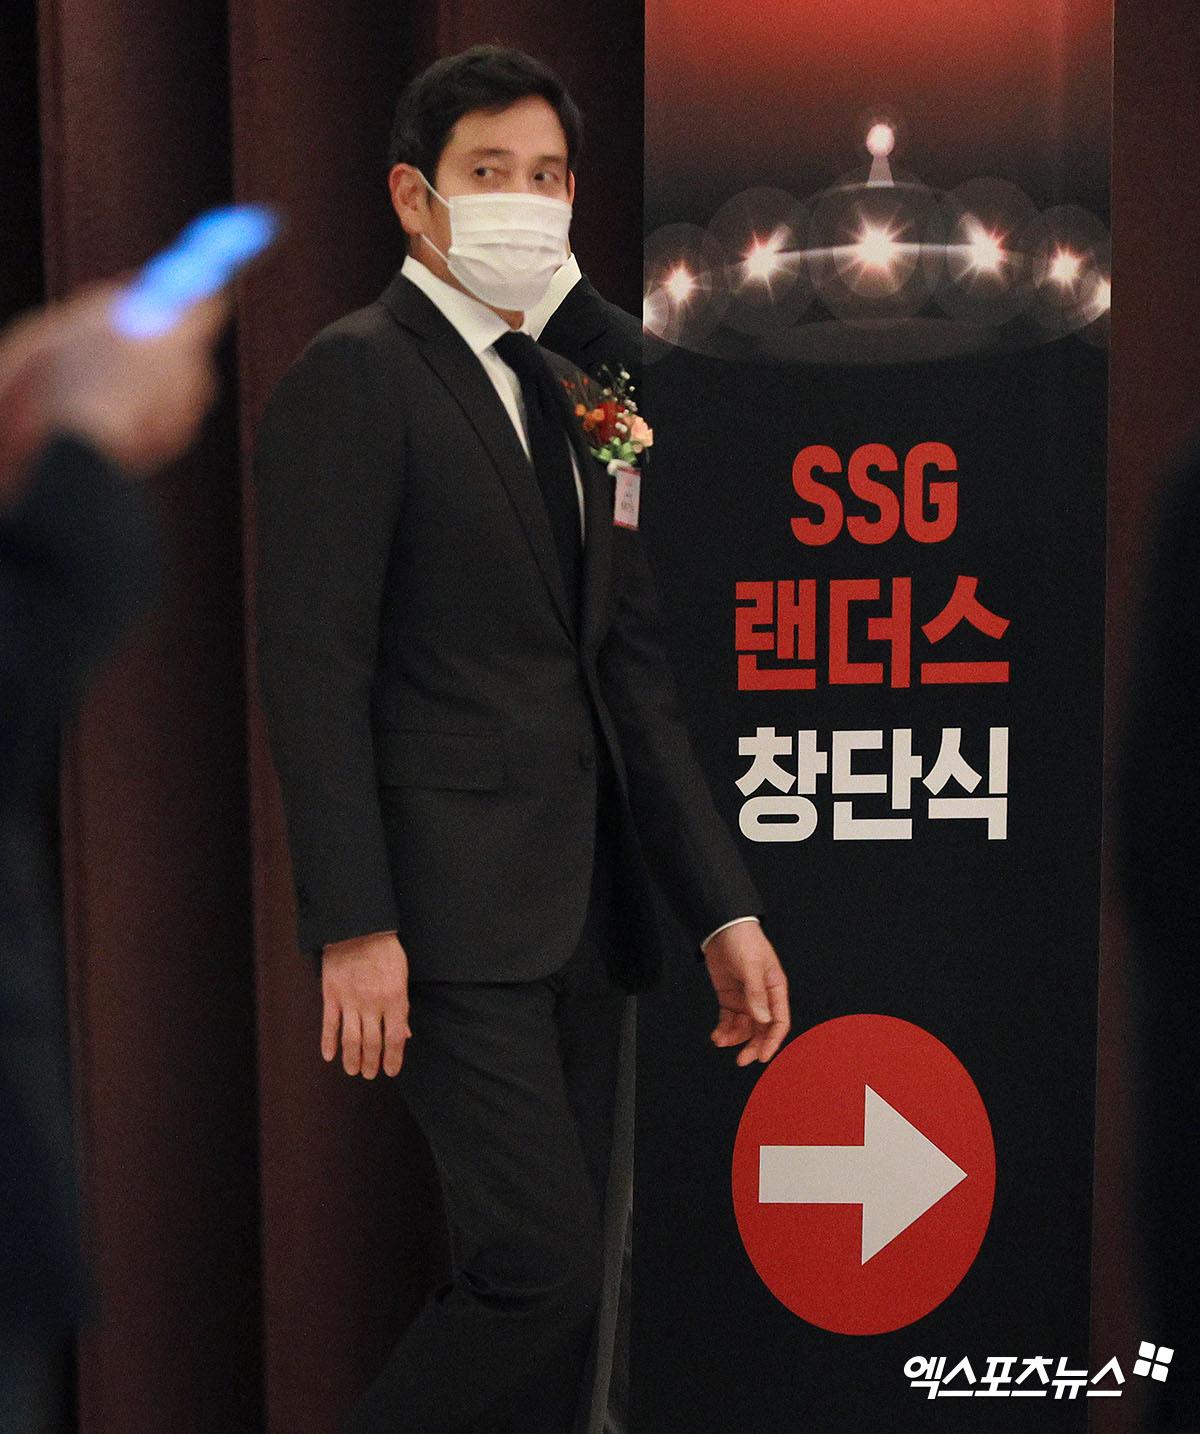 SSG 창단식 행사장으로 향하는 정용진 부회장[포토]